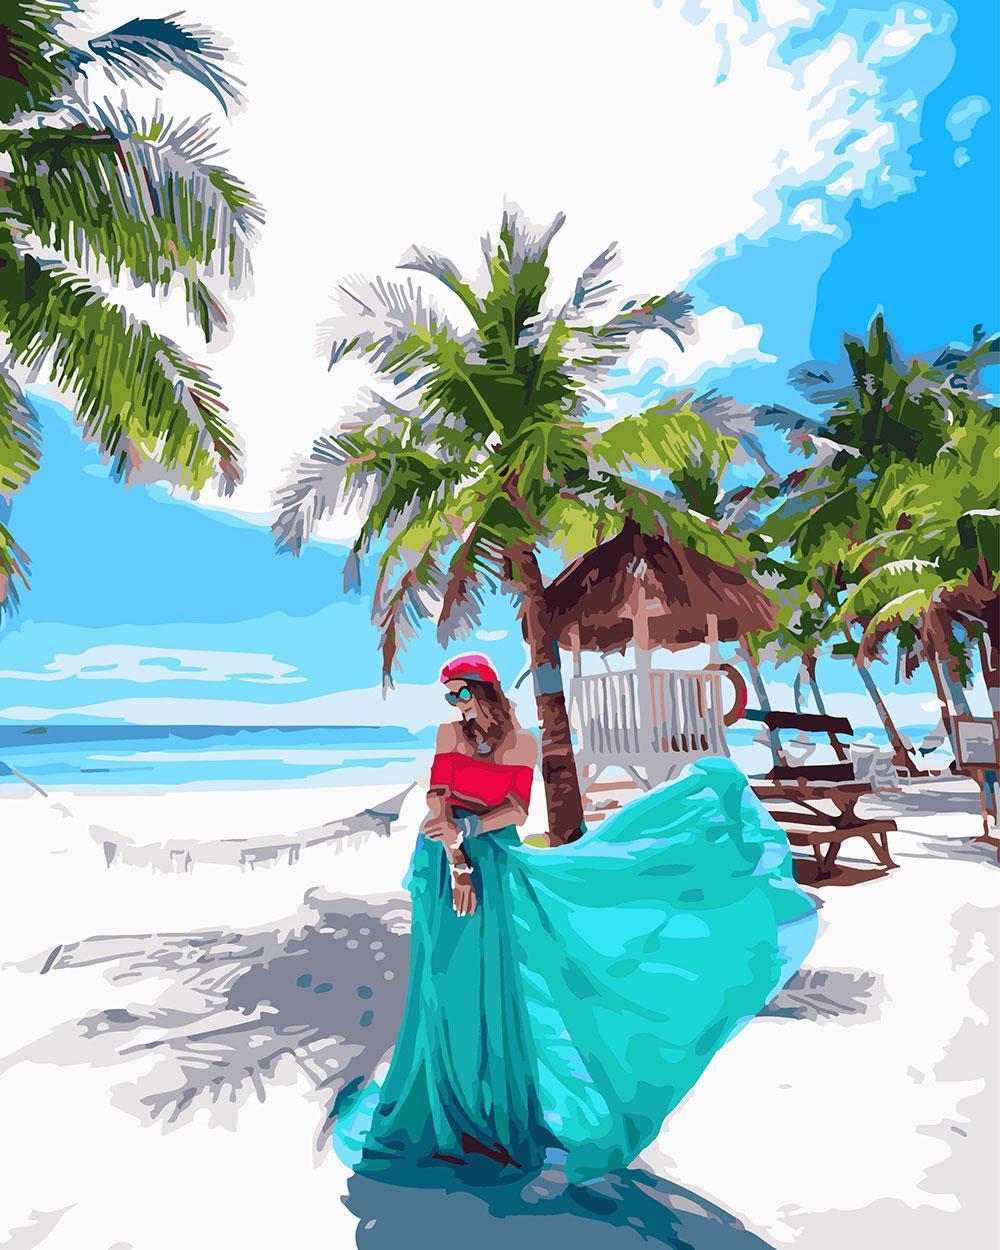 Картина по номерам Отдых на островах 40 х 50 см (BRM24913)